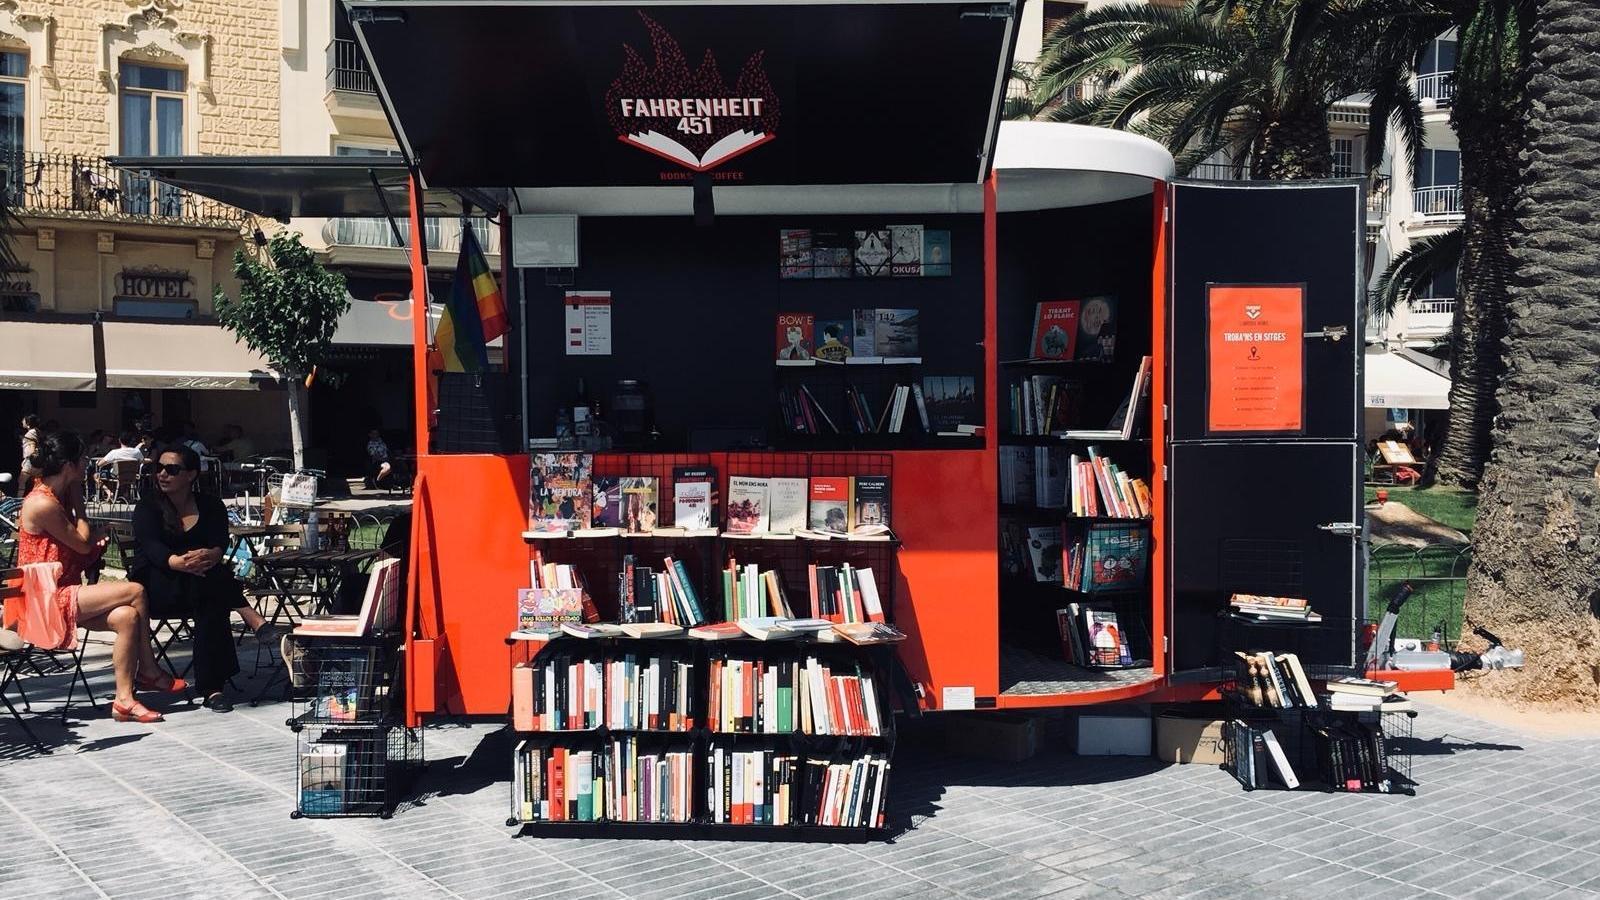 Fahrenheit 451, la llibreria mòbil que s'ha convertit en estable a la Barceloneta